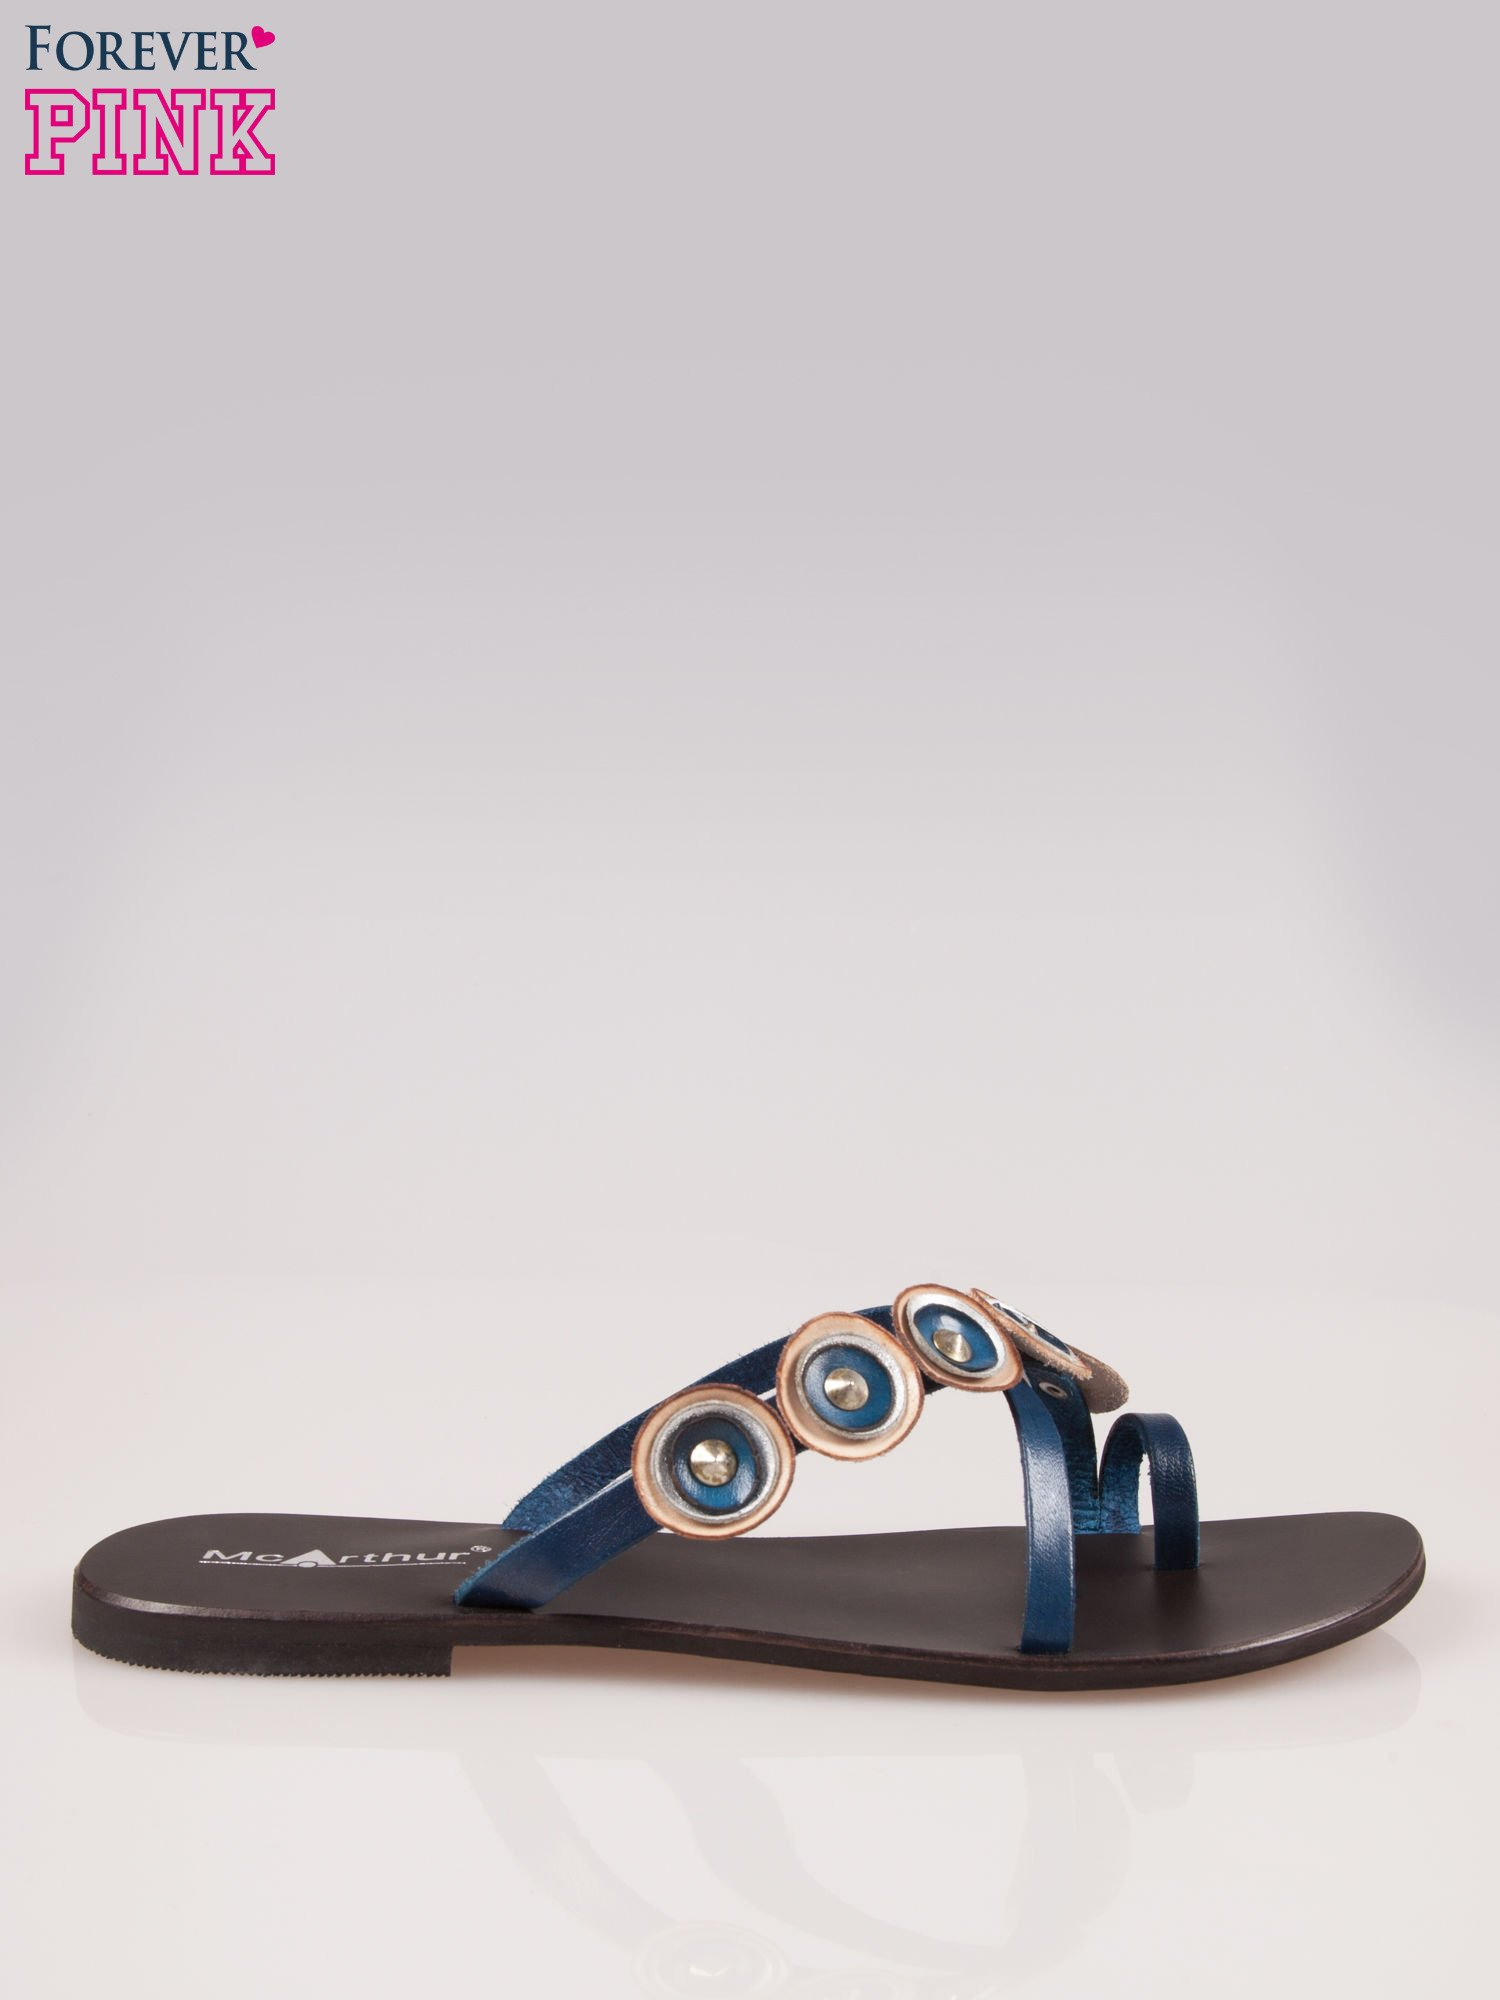 Niebieskie skórzane klapki japonki w stylu etno                                  zdj.                                  1